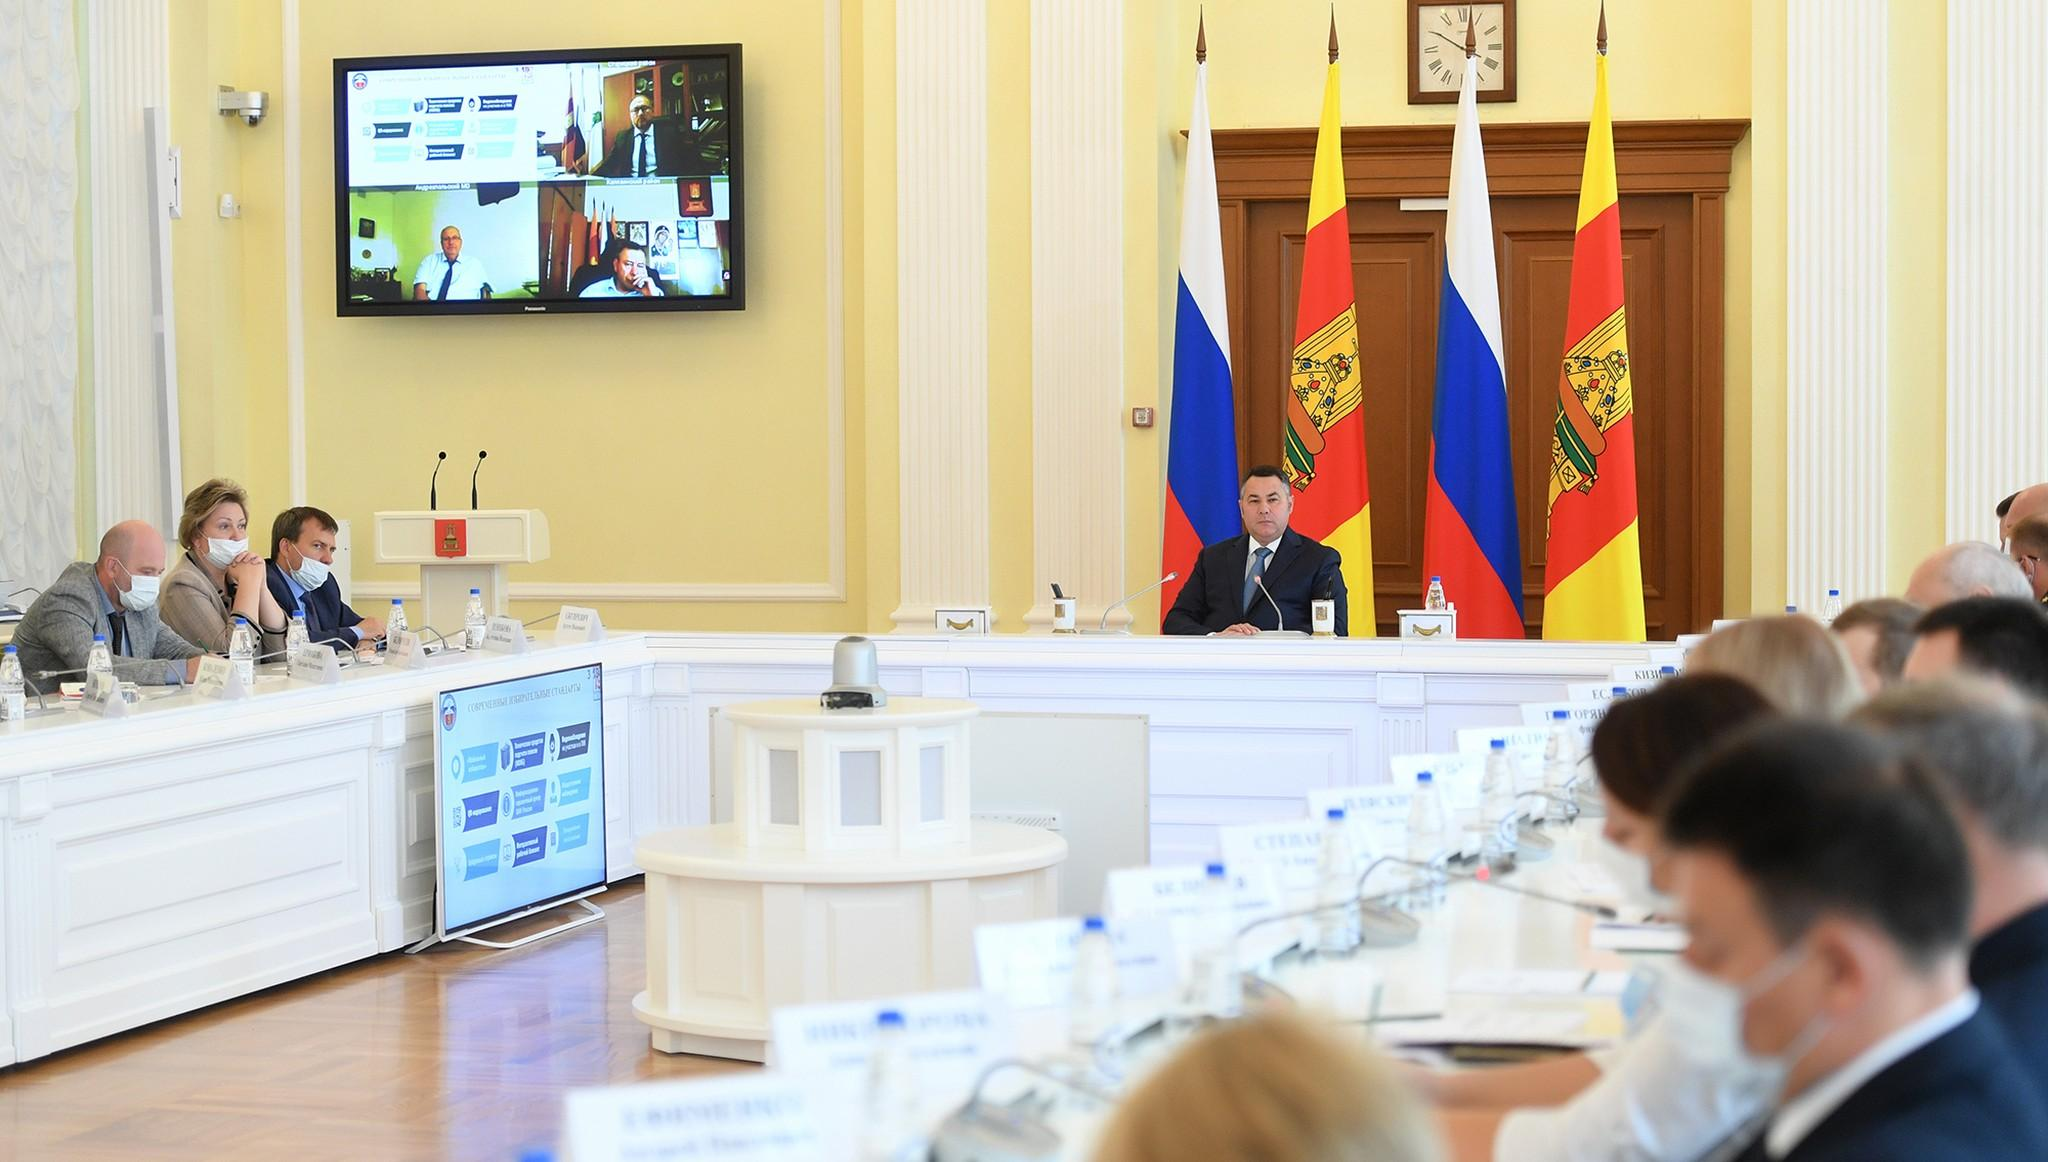 На выборах в Тверской области обеспечат соблюдение общественного порядка и санитарных норм